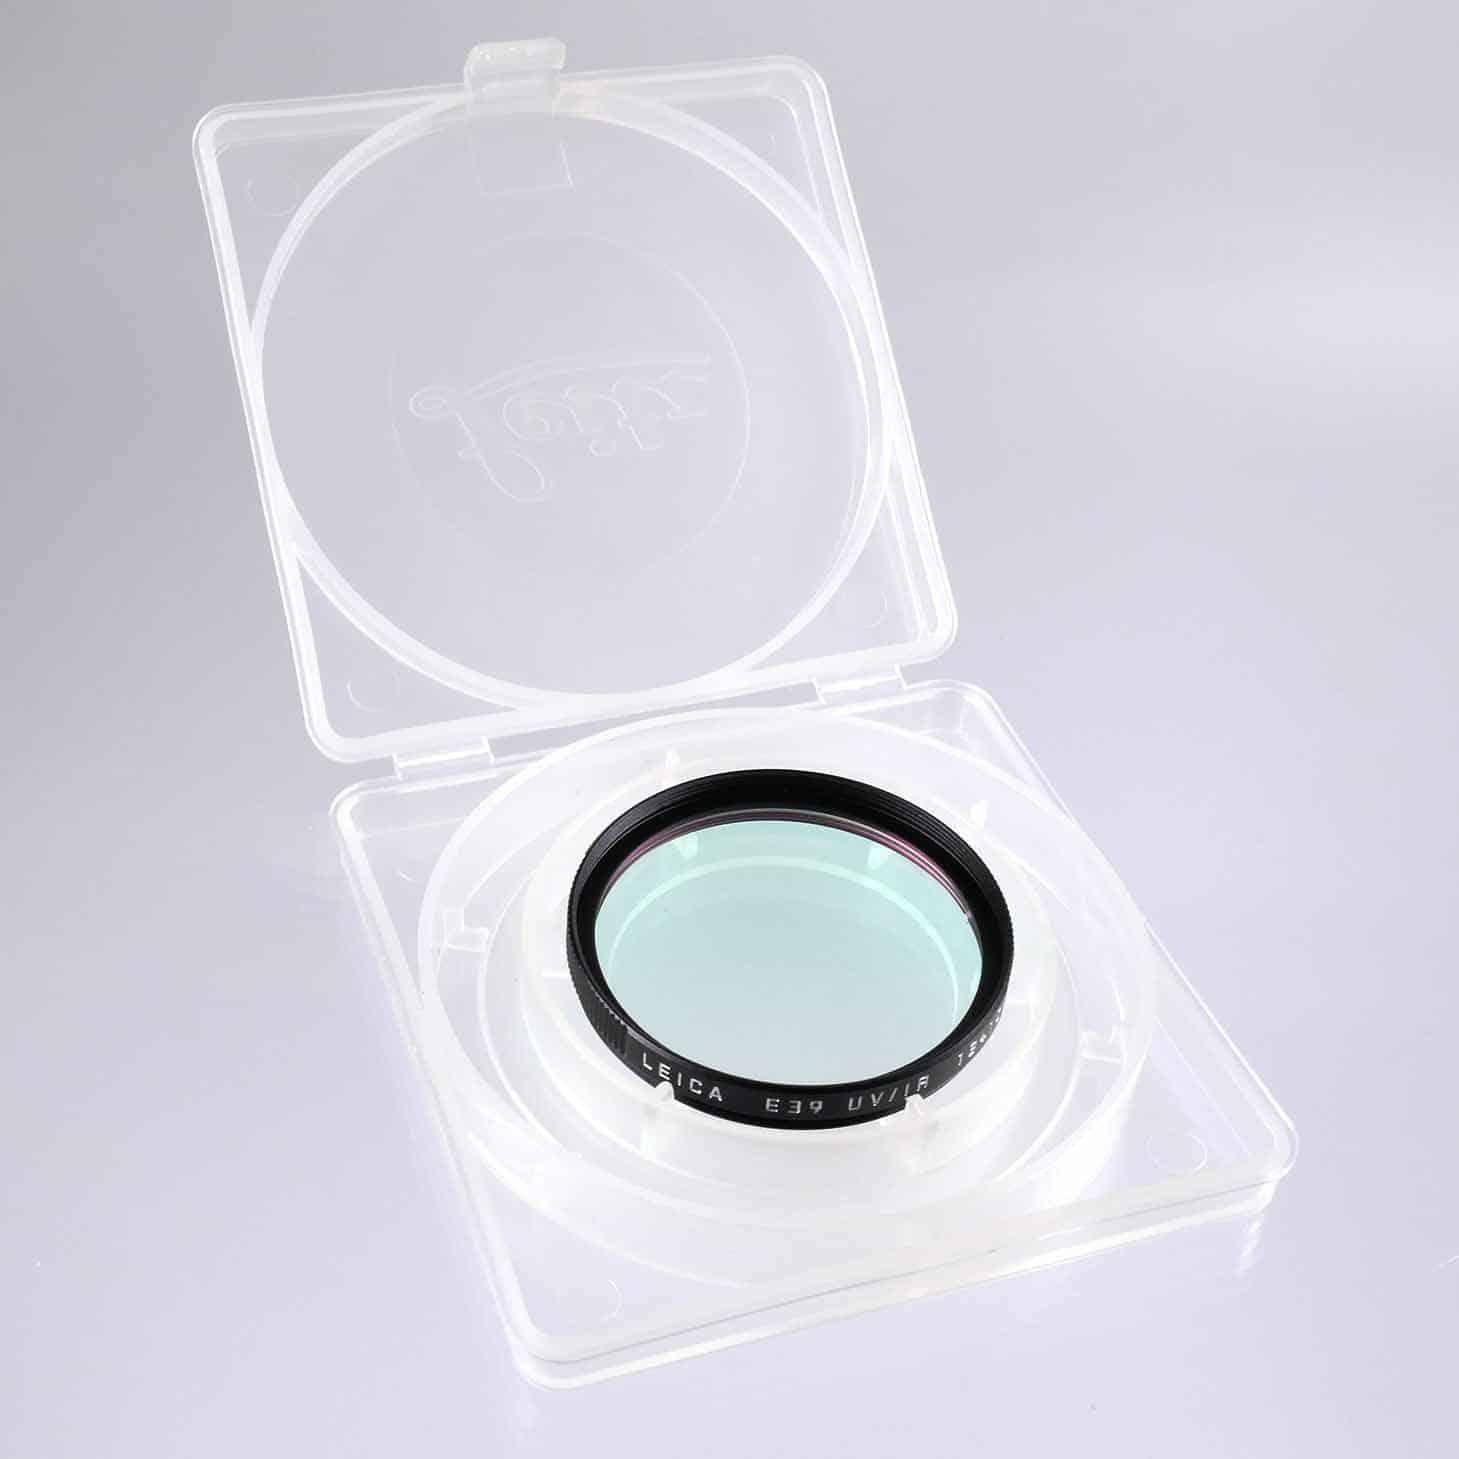 clean-cameras-LEICA-UV-IR-13410-E39-02